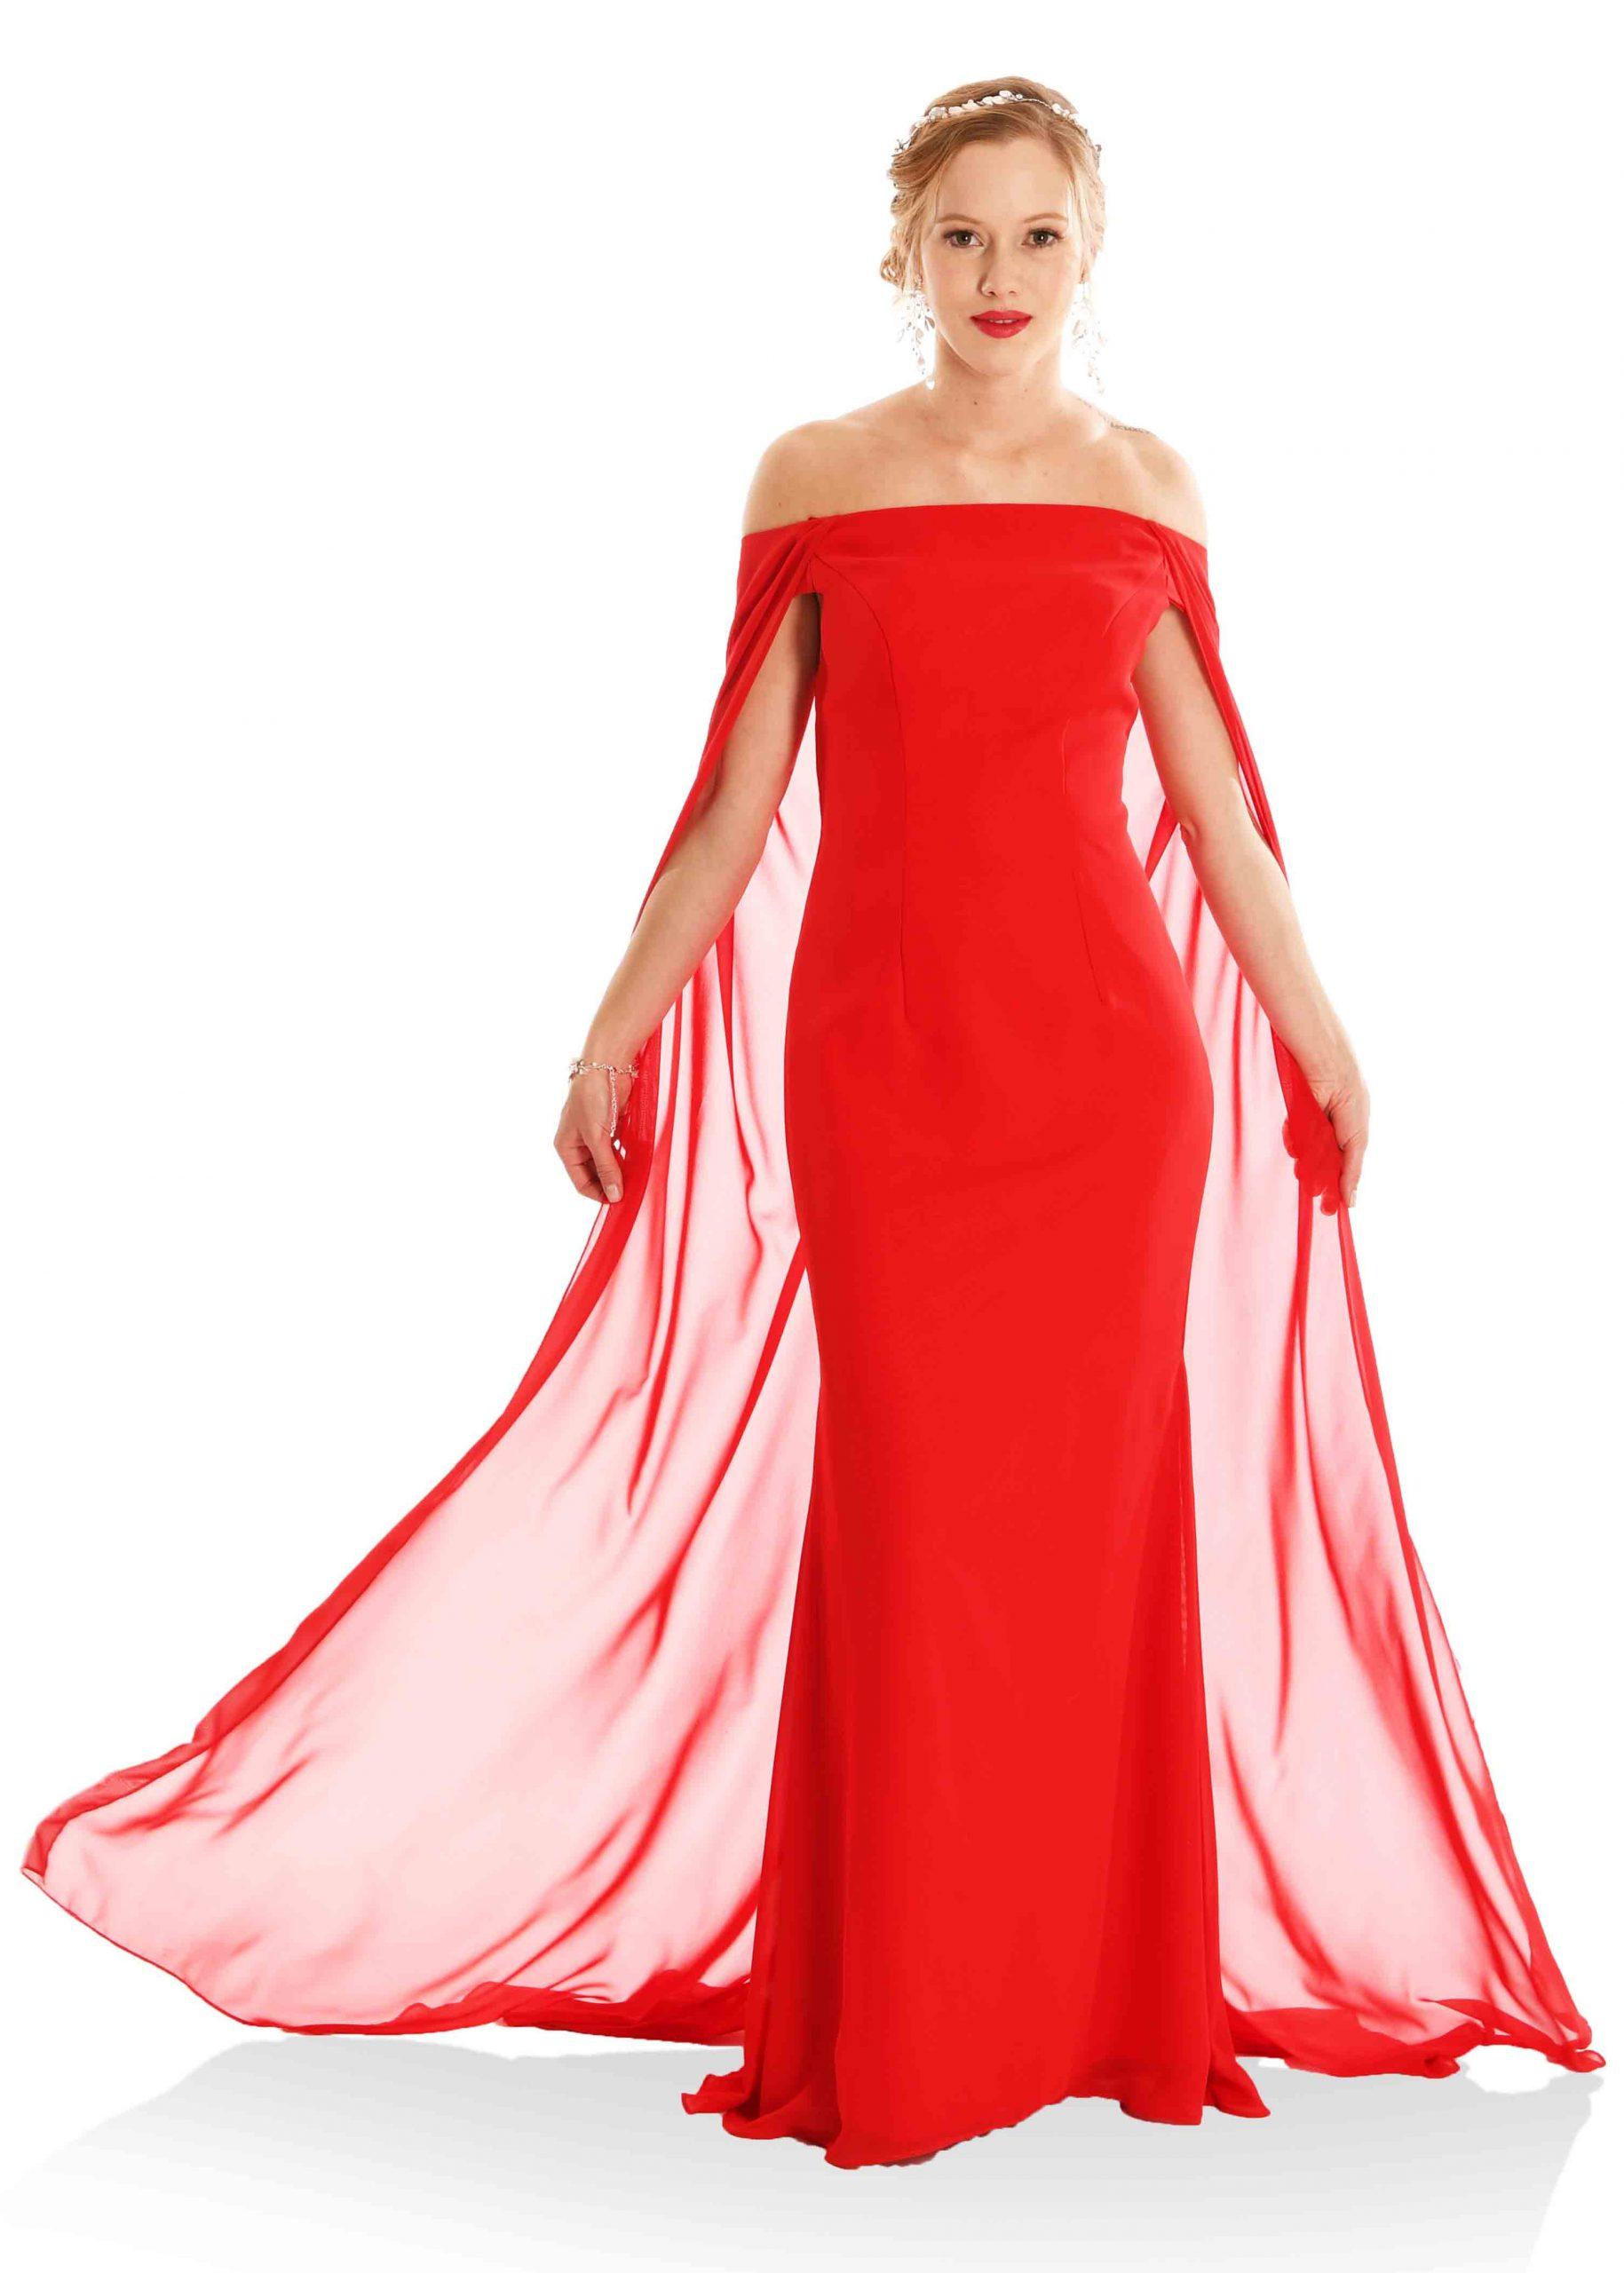 10 Elegant Abendbekleidung Damen Hose Design Top Abendbekleidung Damen Hose Vertrieb